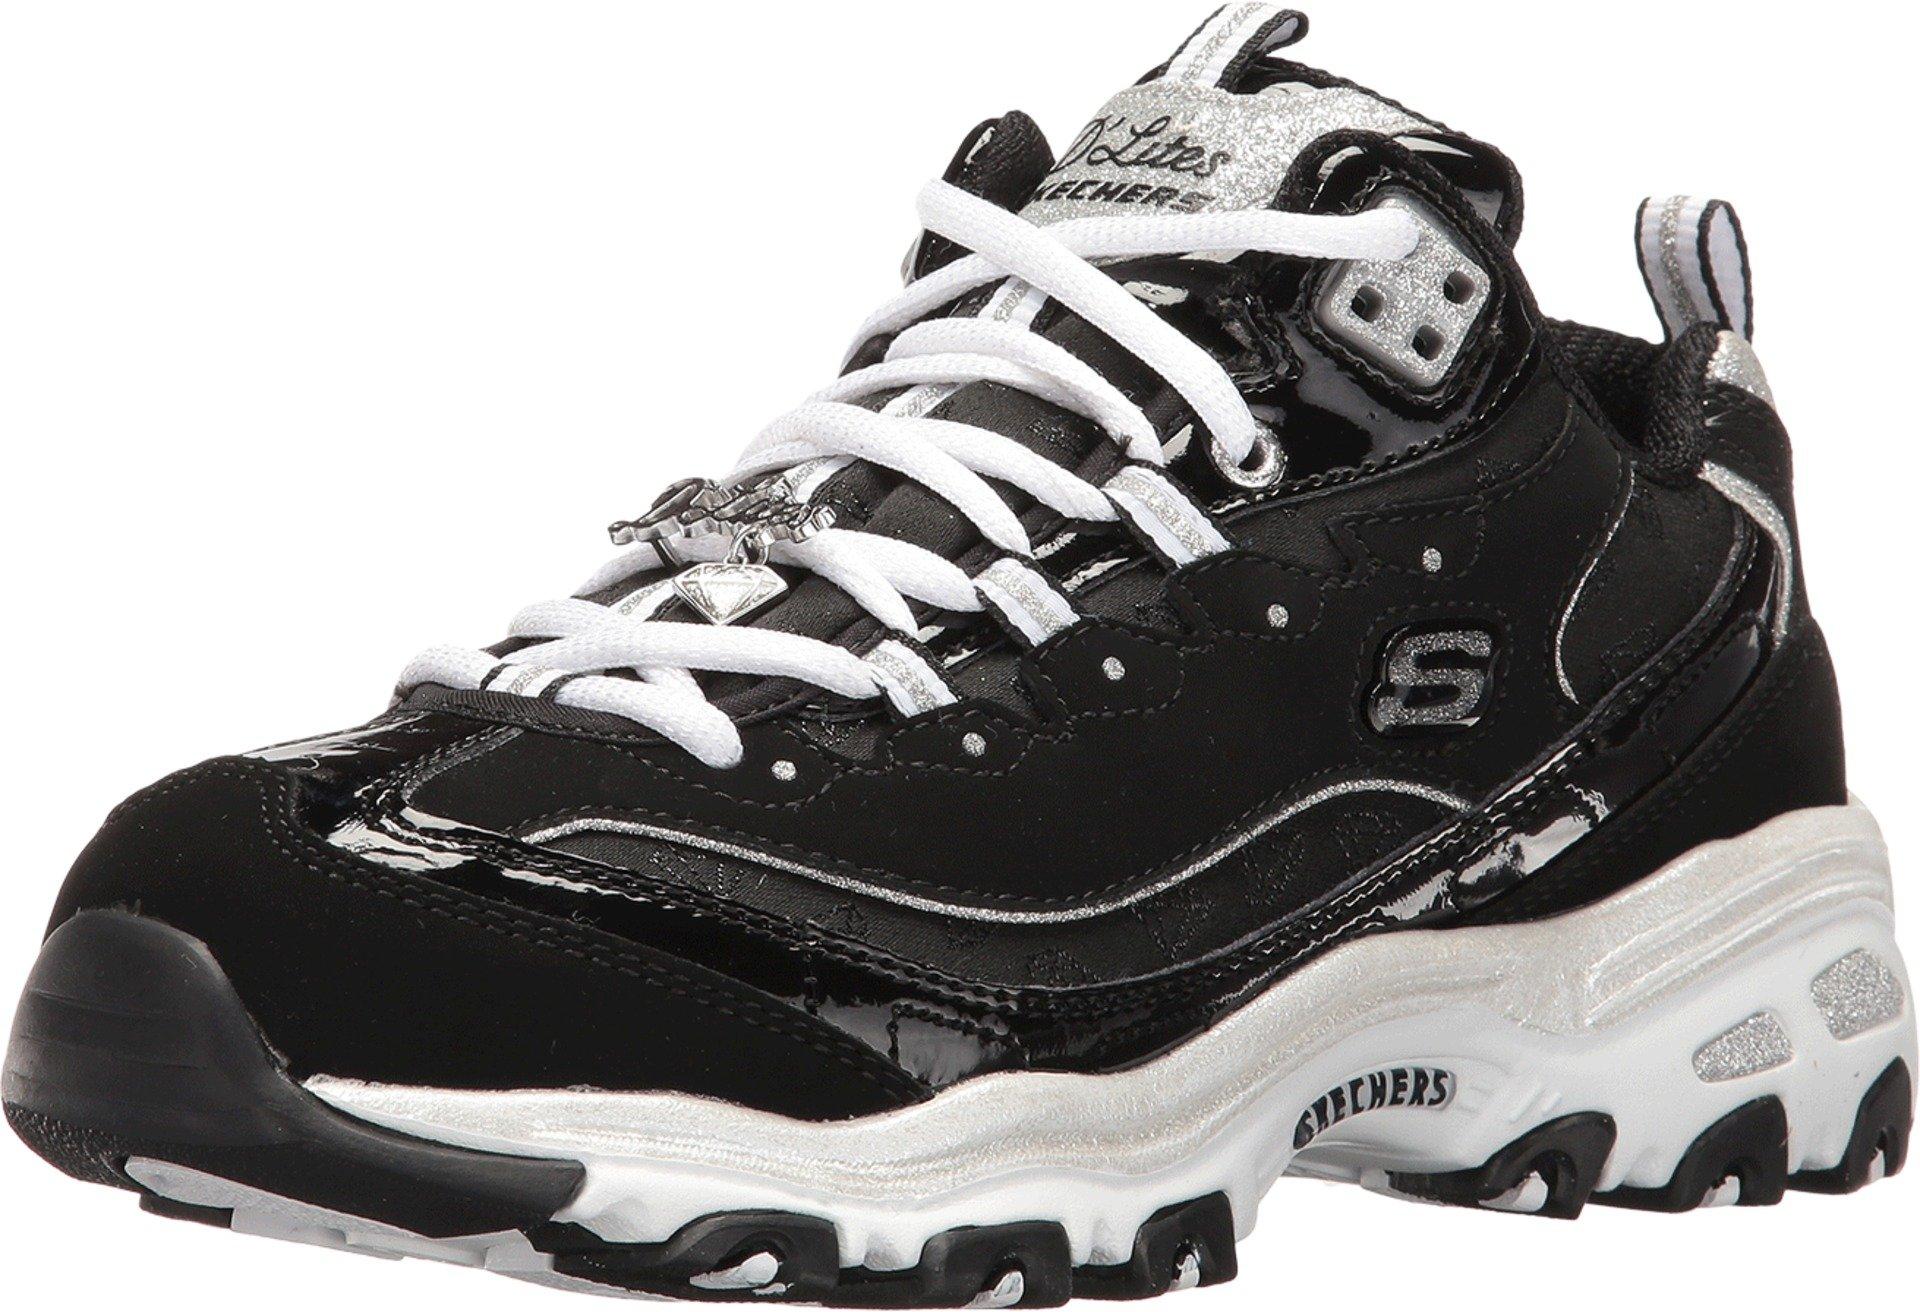 Skechers Women's D'Lites Style Revamp Sneaker,Black/White,US 9.5 M